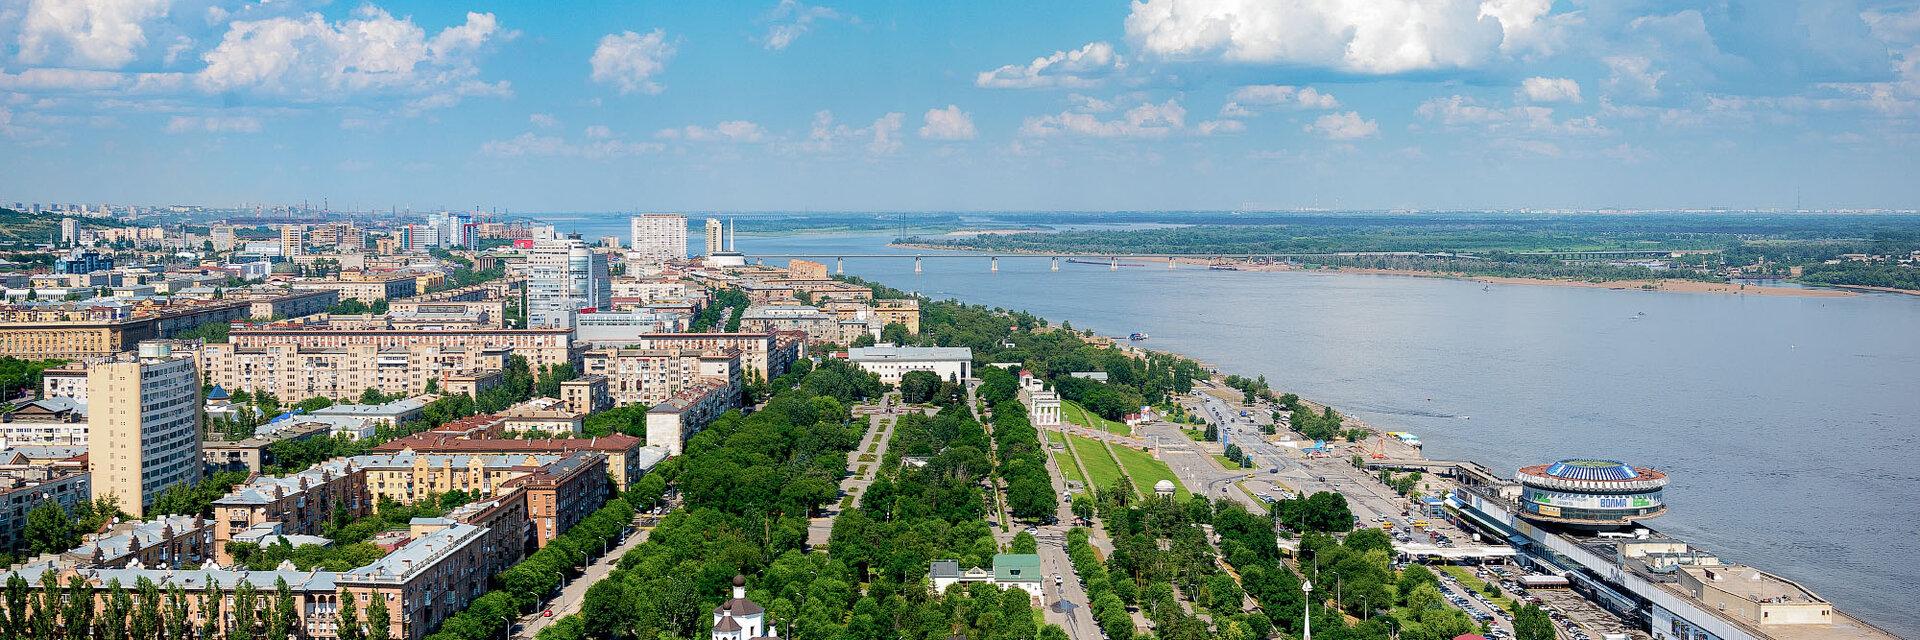 Поиск отелей в Волгограде